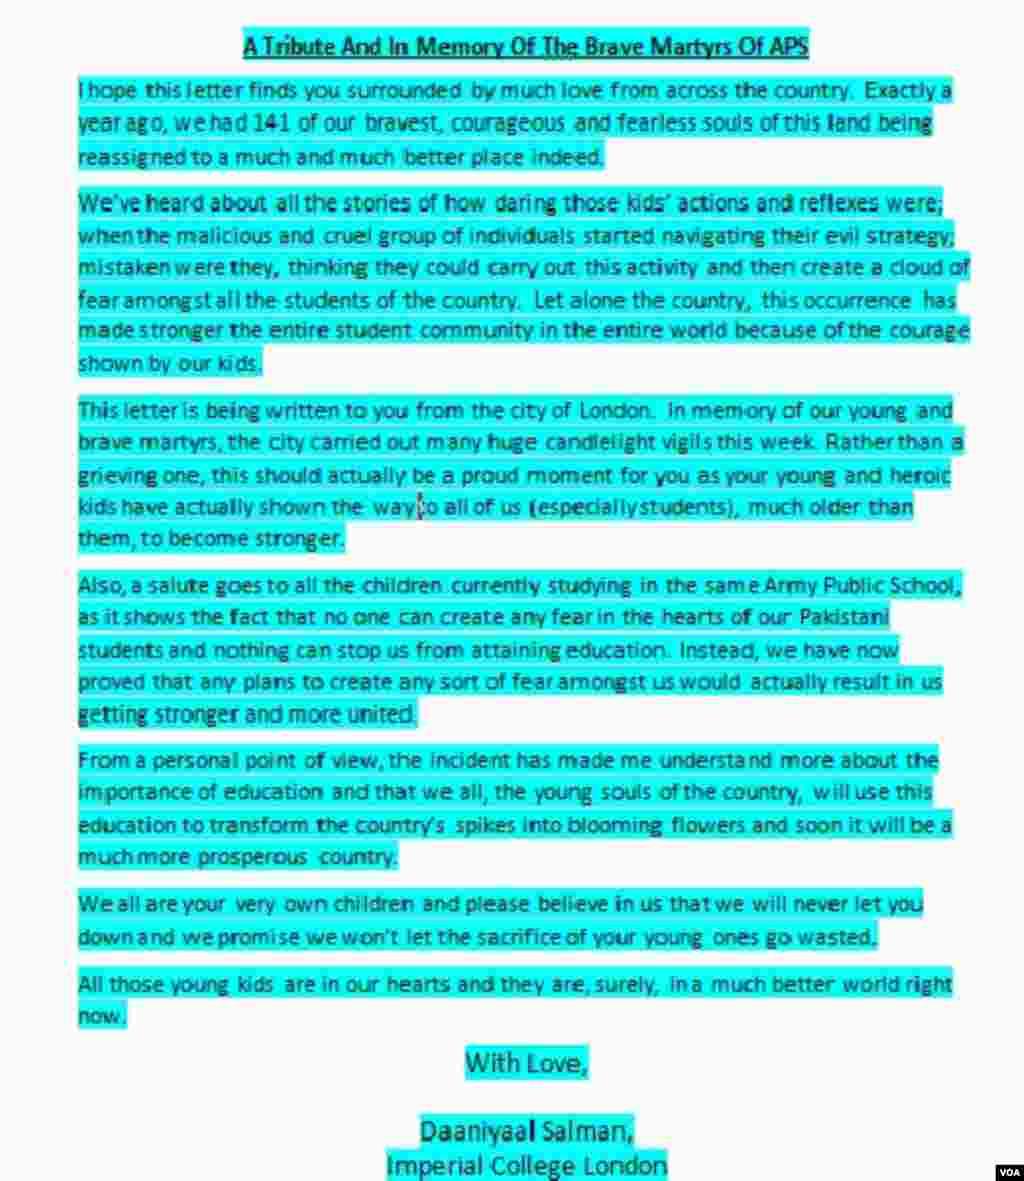 امریکی یونیورسٹی میں زیر تعلیم پاکستانی طالبہ کو آن لائن فورم پر موصول ہونےوالے پیغامات